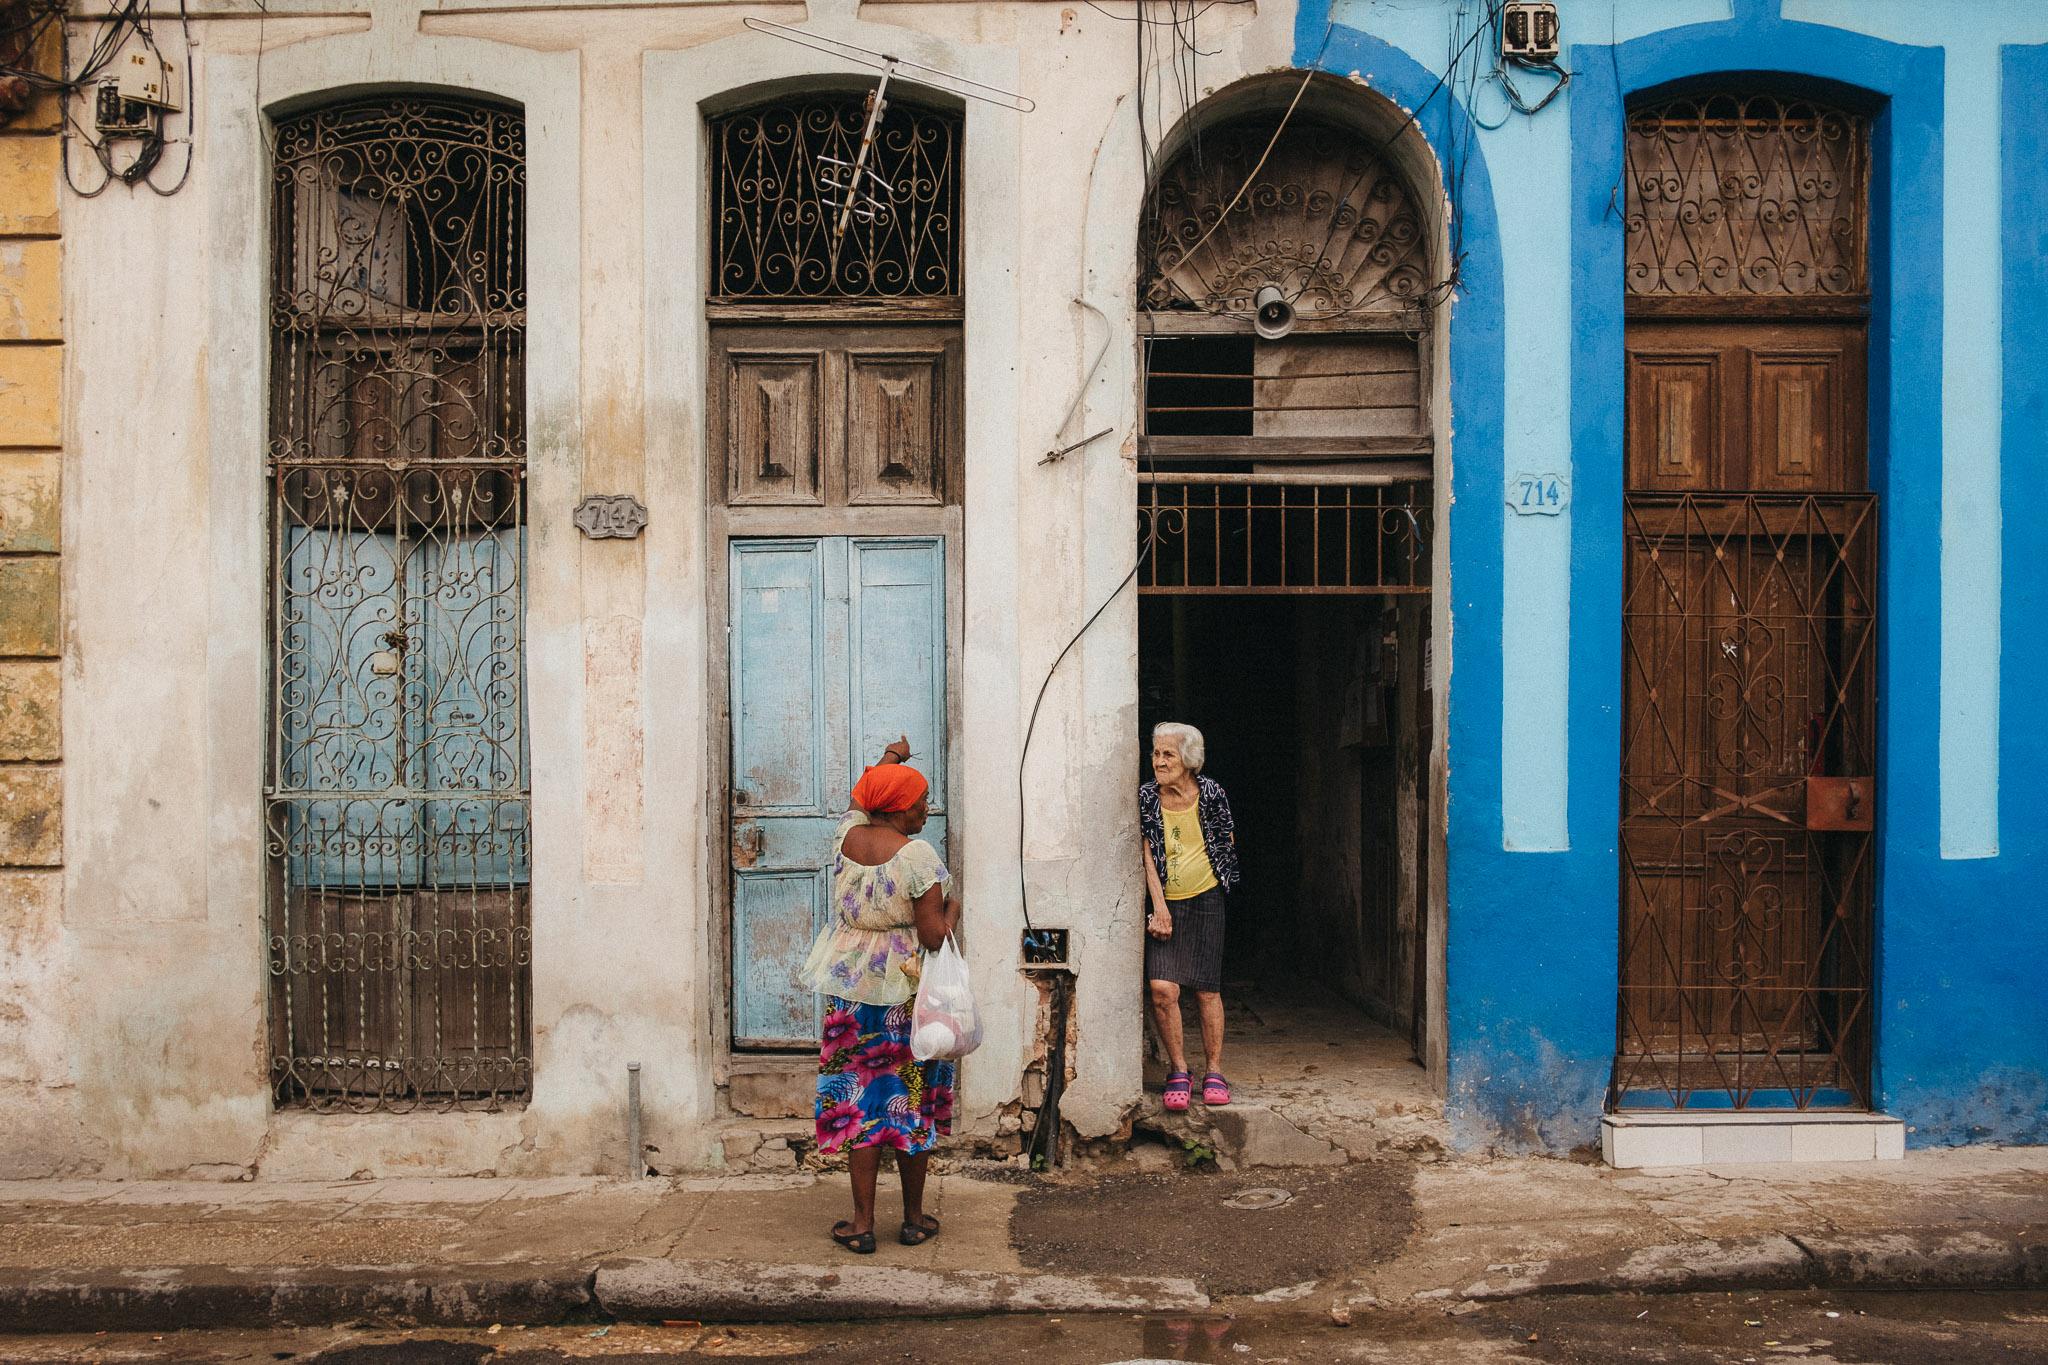 Cuba-2017-12-Havana-0113.jpg